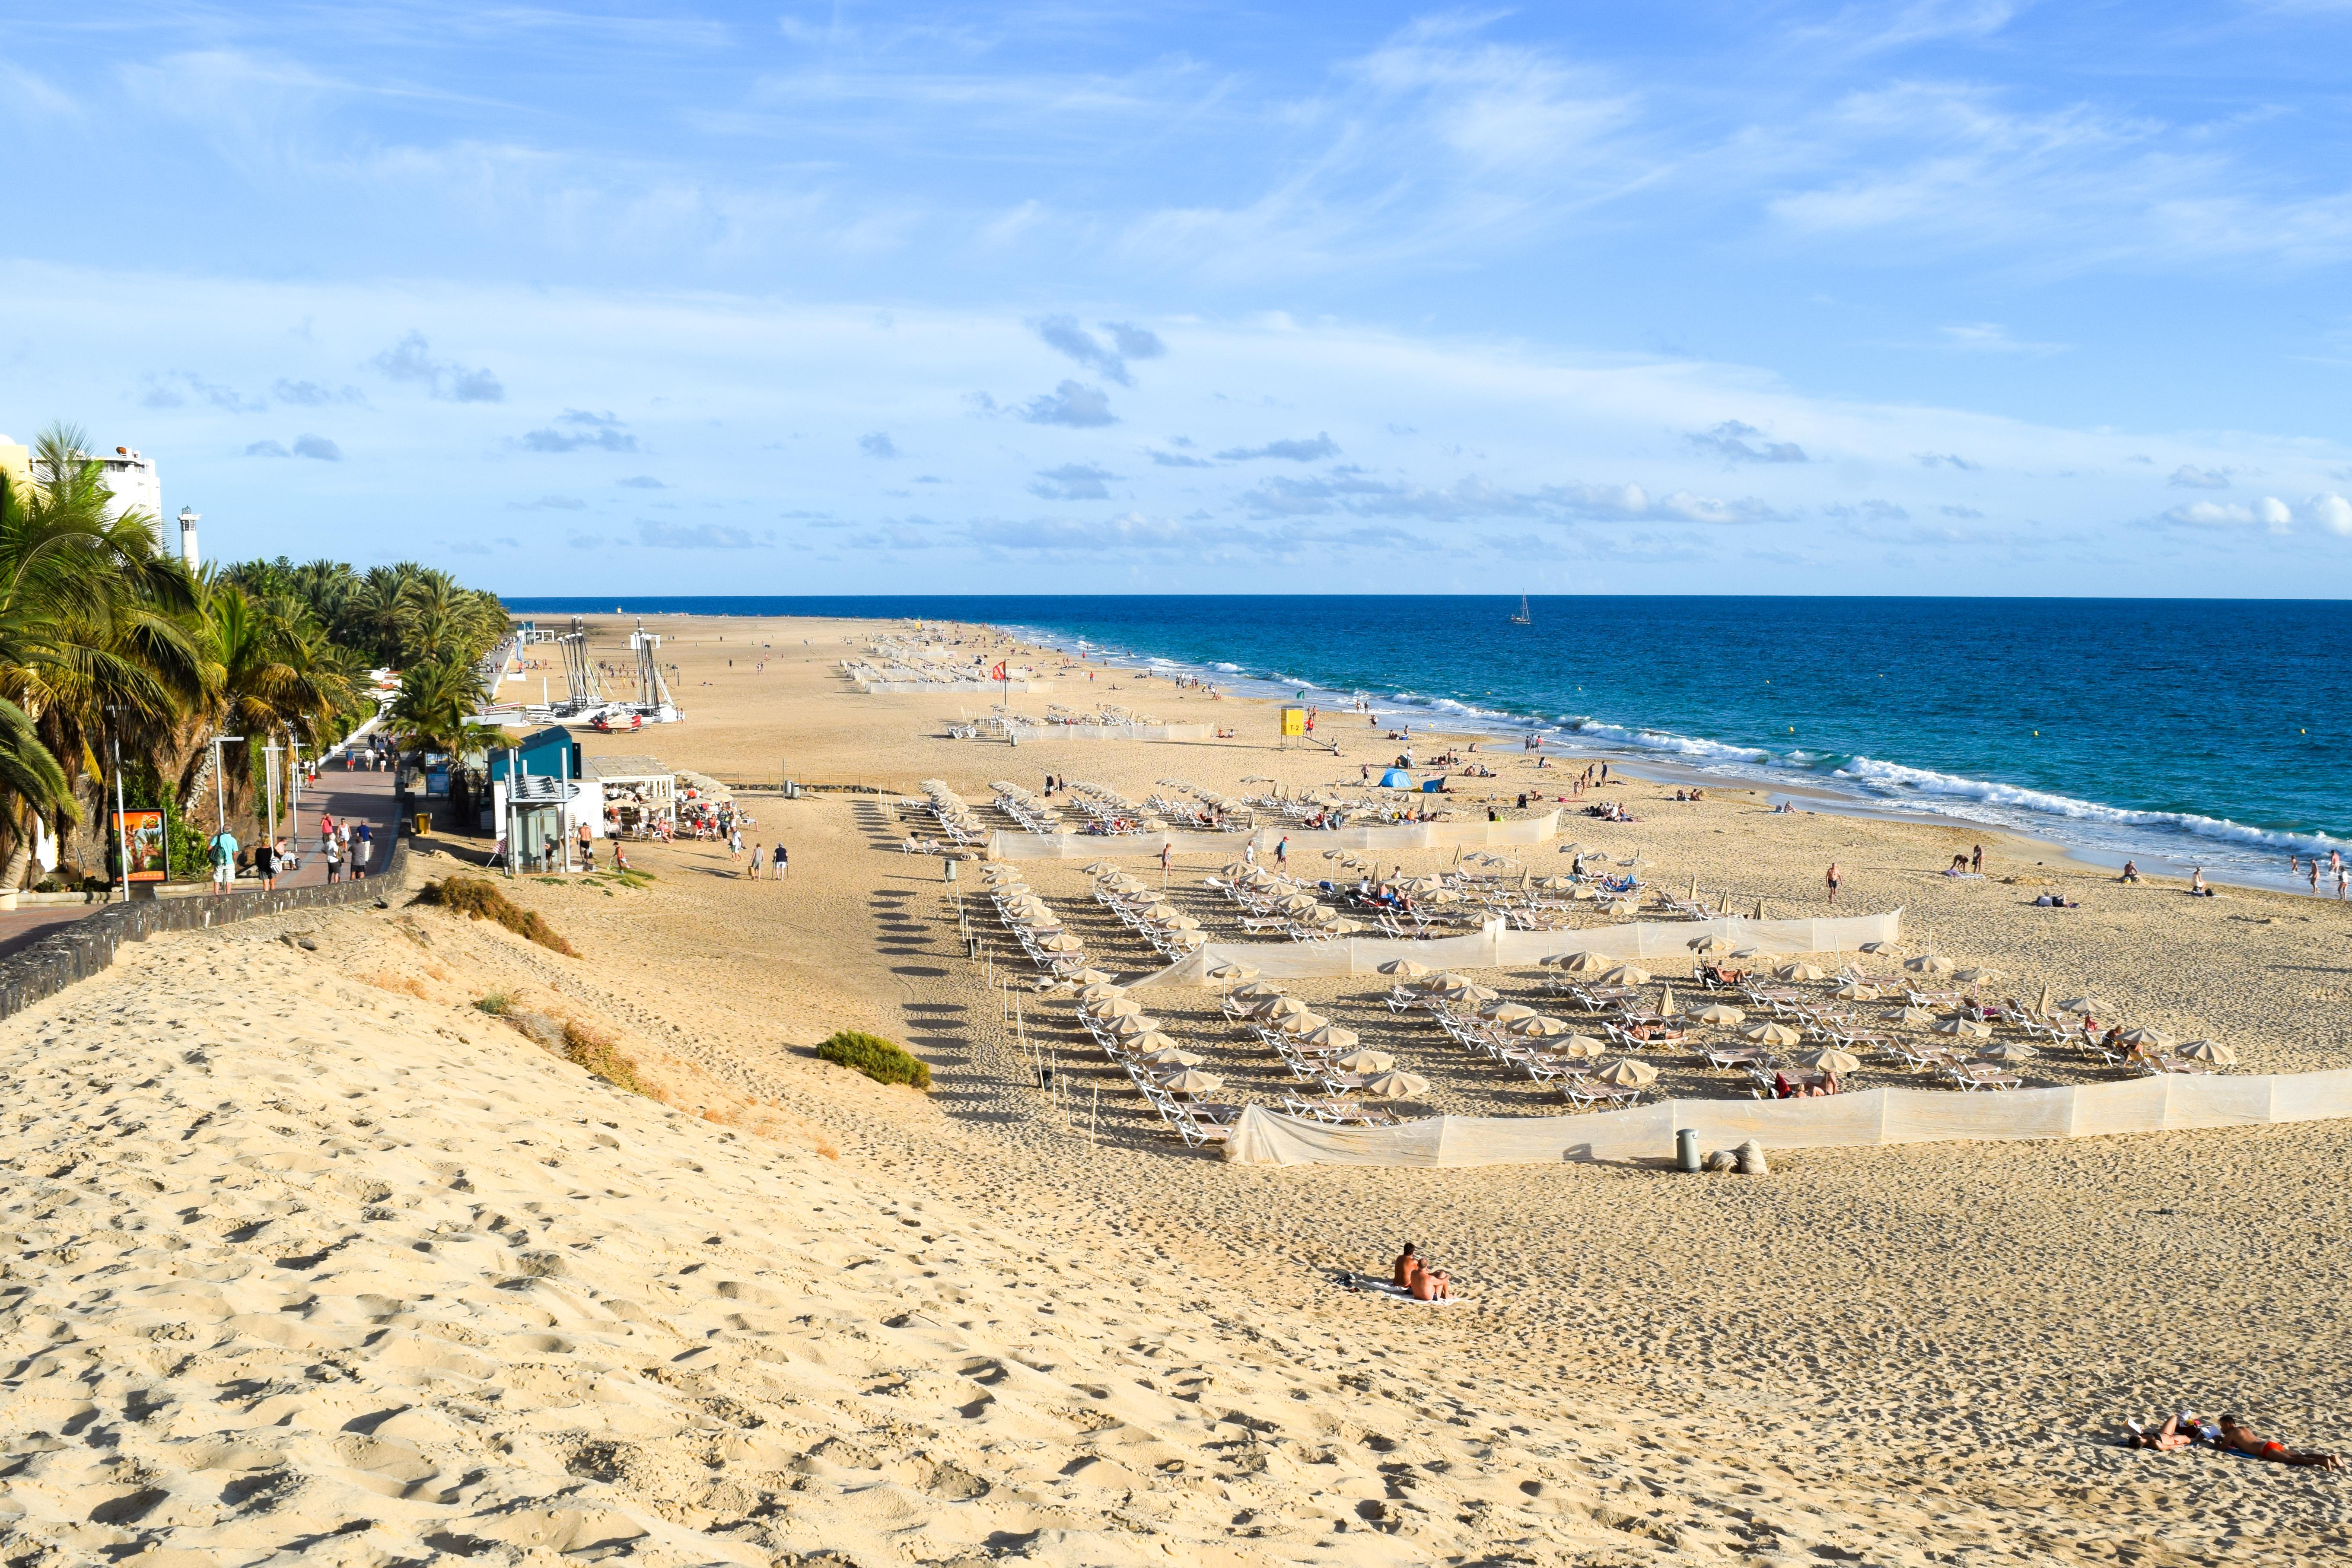 Playa del Matorral Fuerteventura Pictures videos insider tips